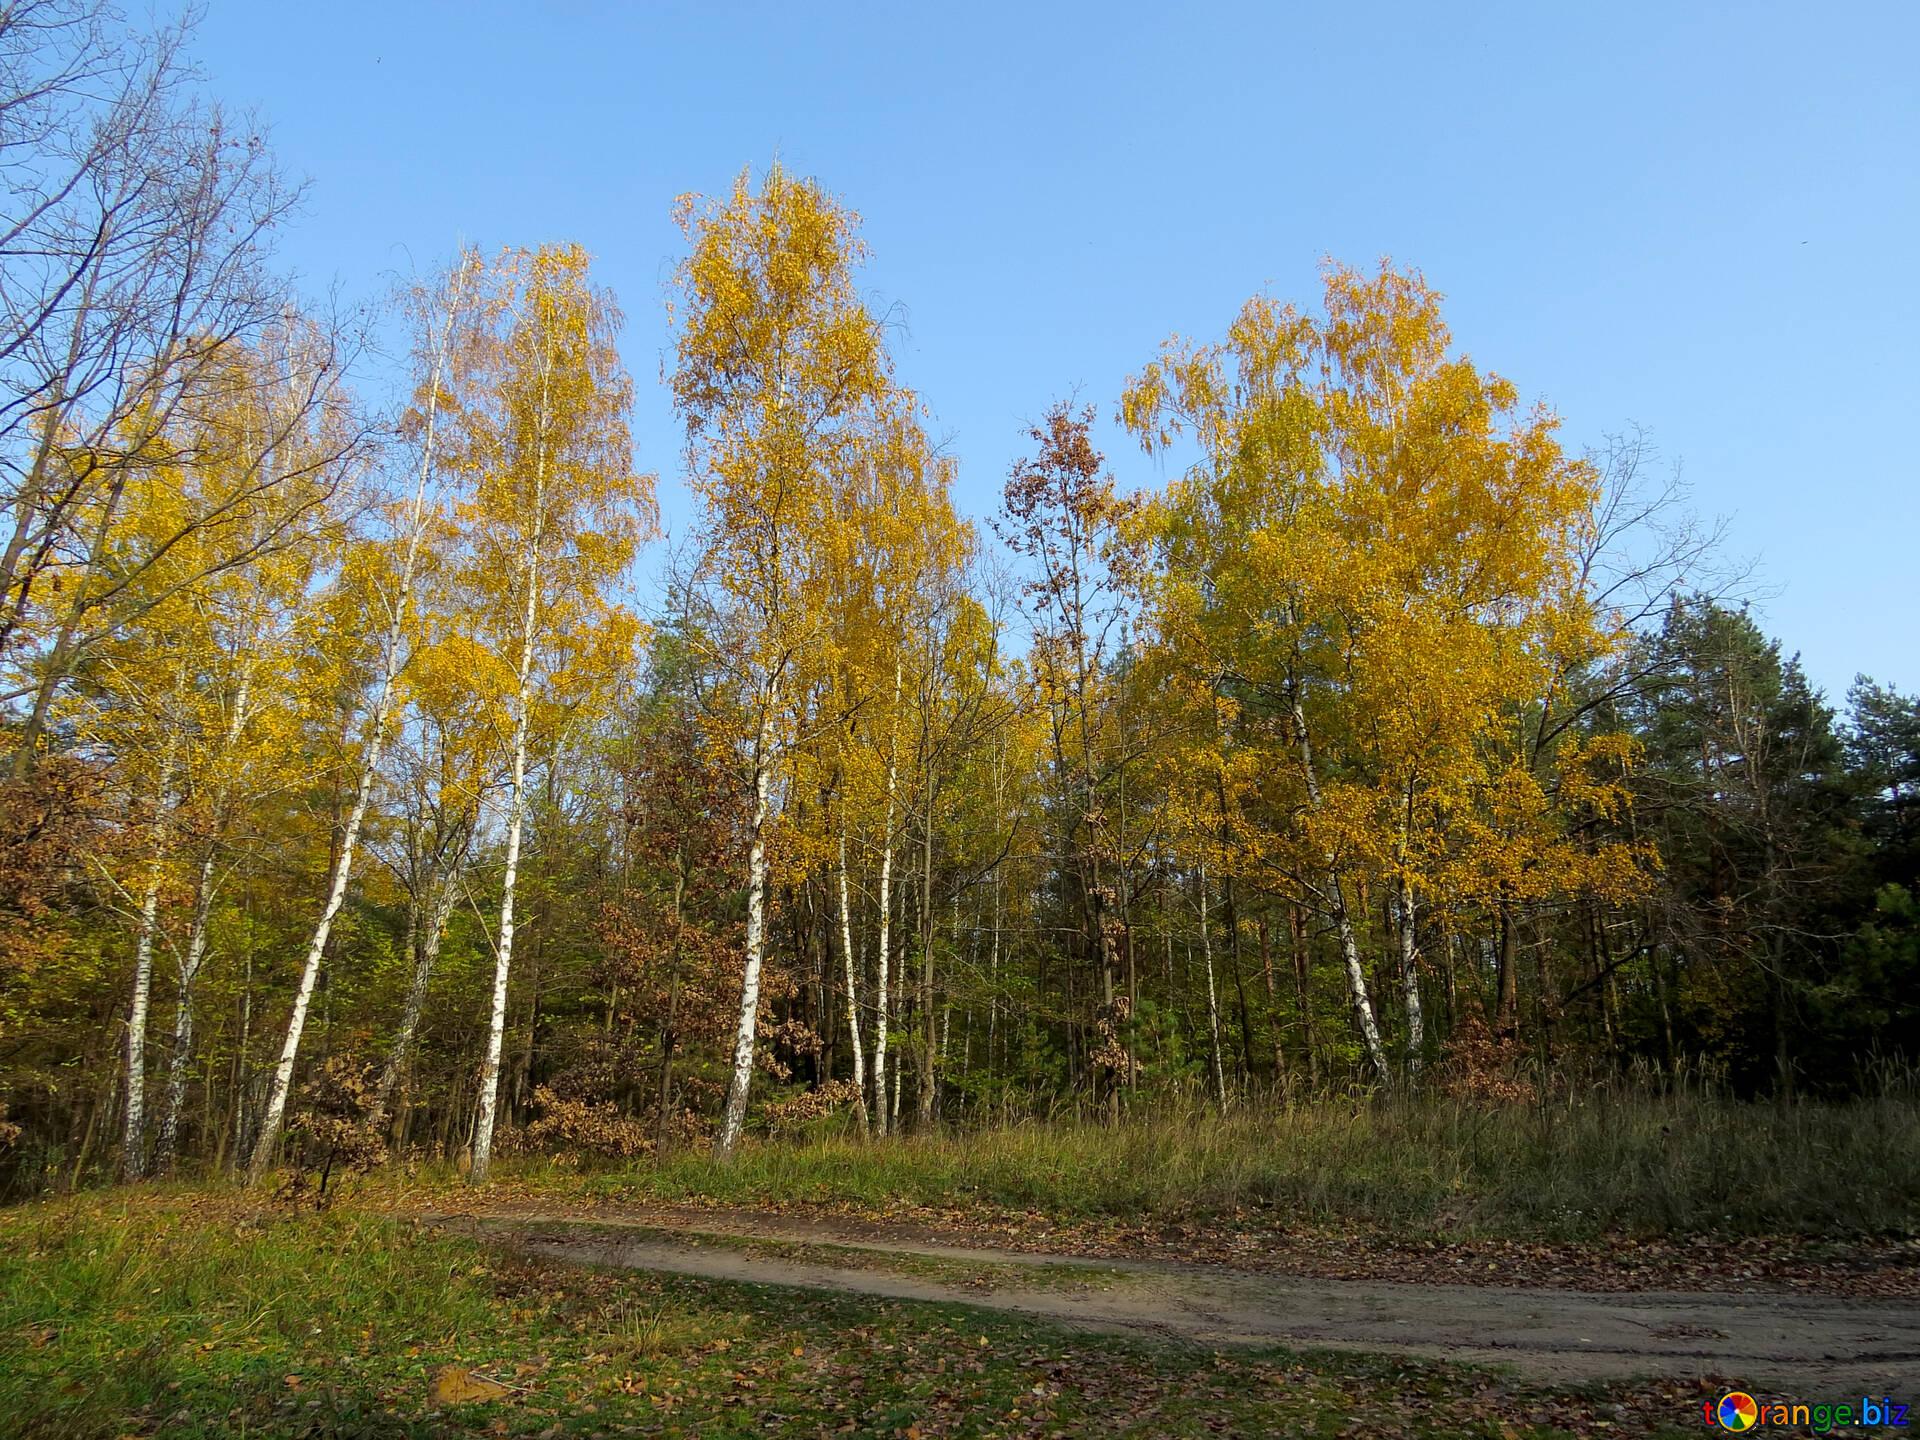 秋の風景 美しい秋の風景を壁紙します ランドスケープ 24894